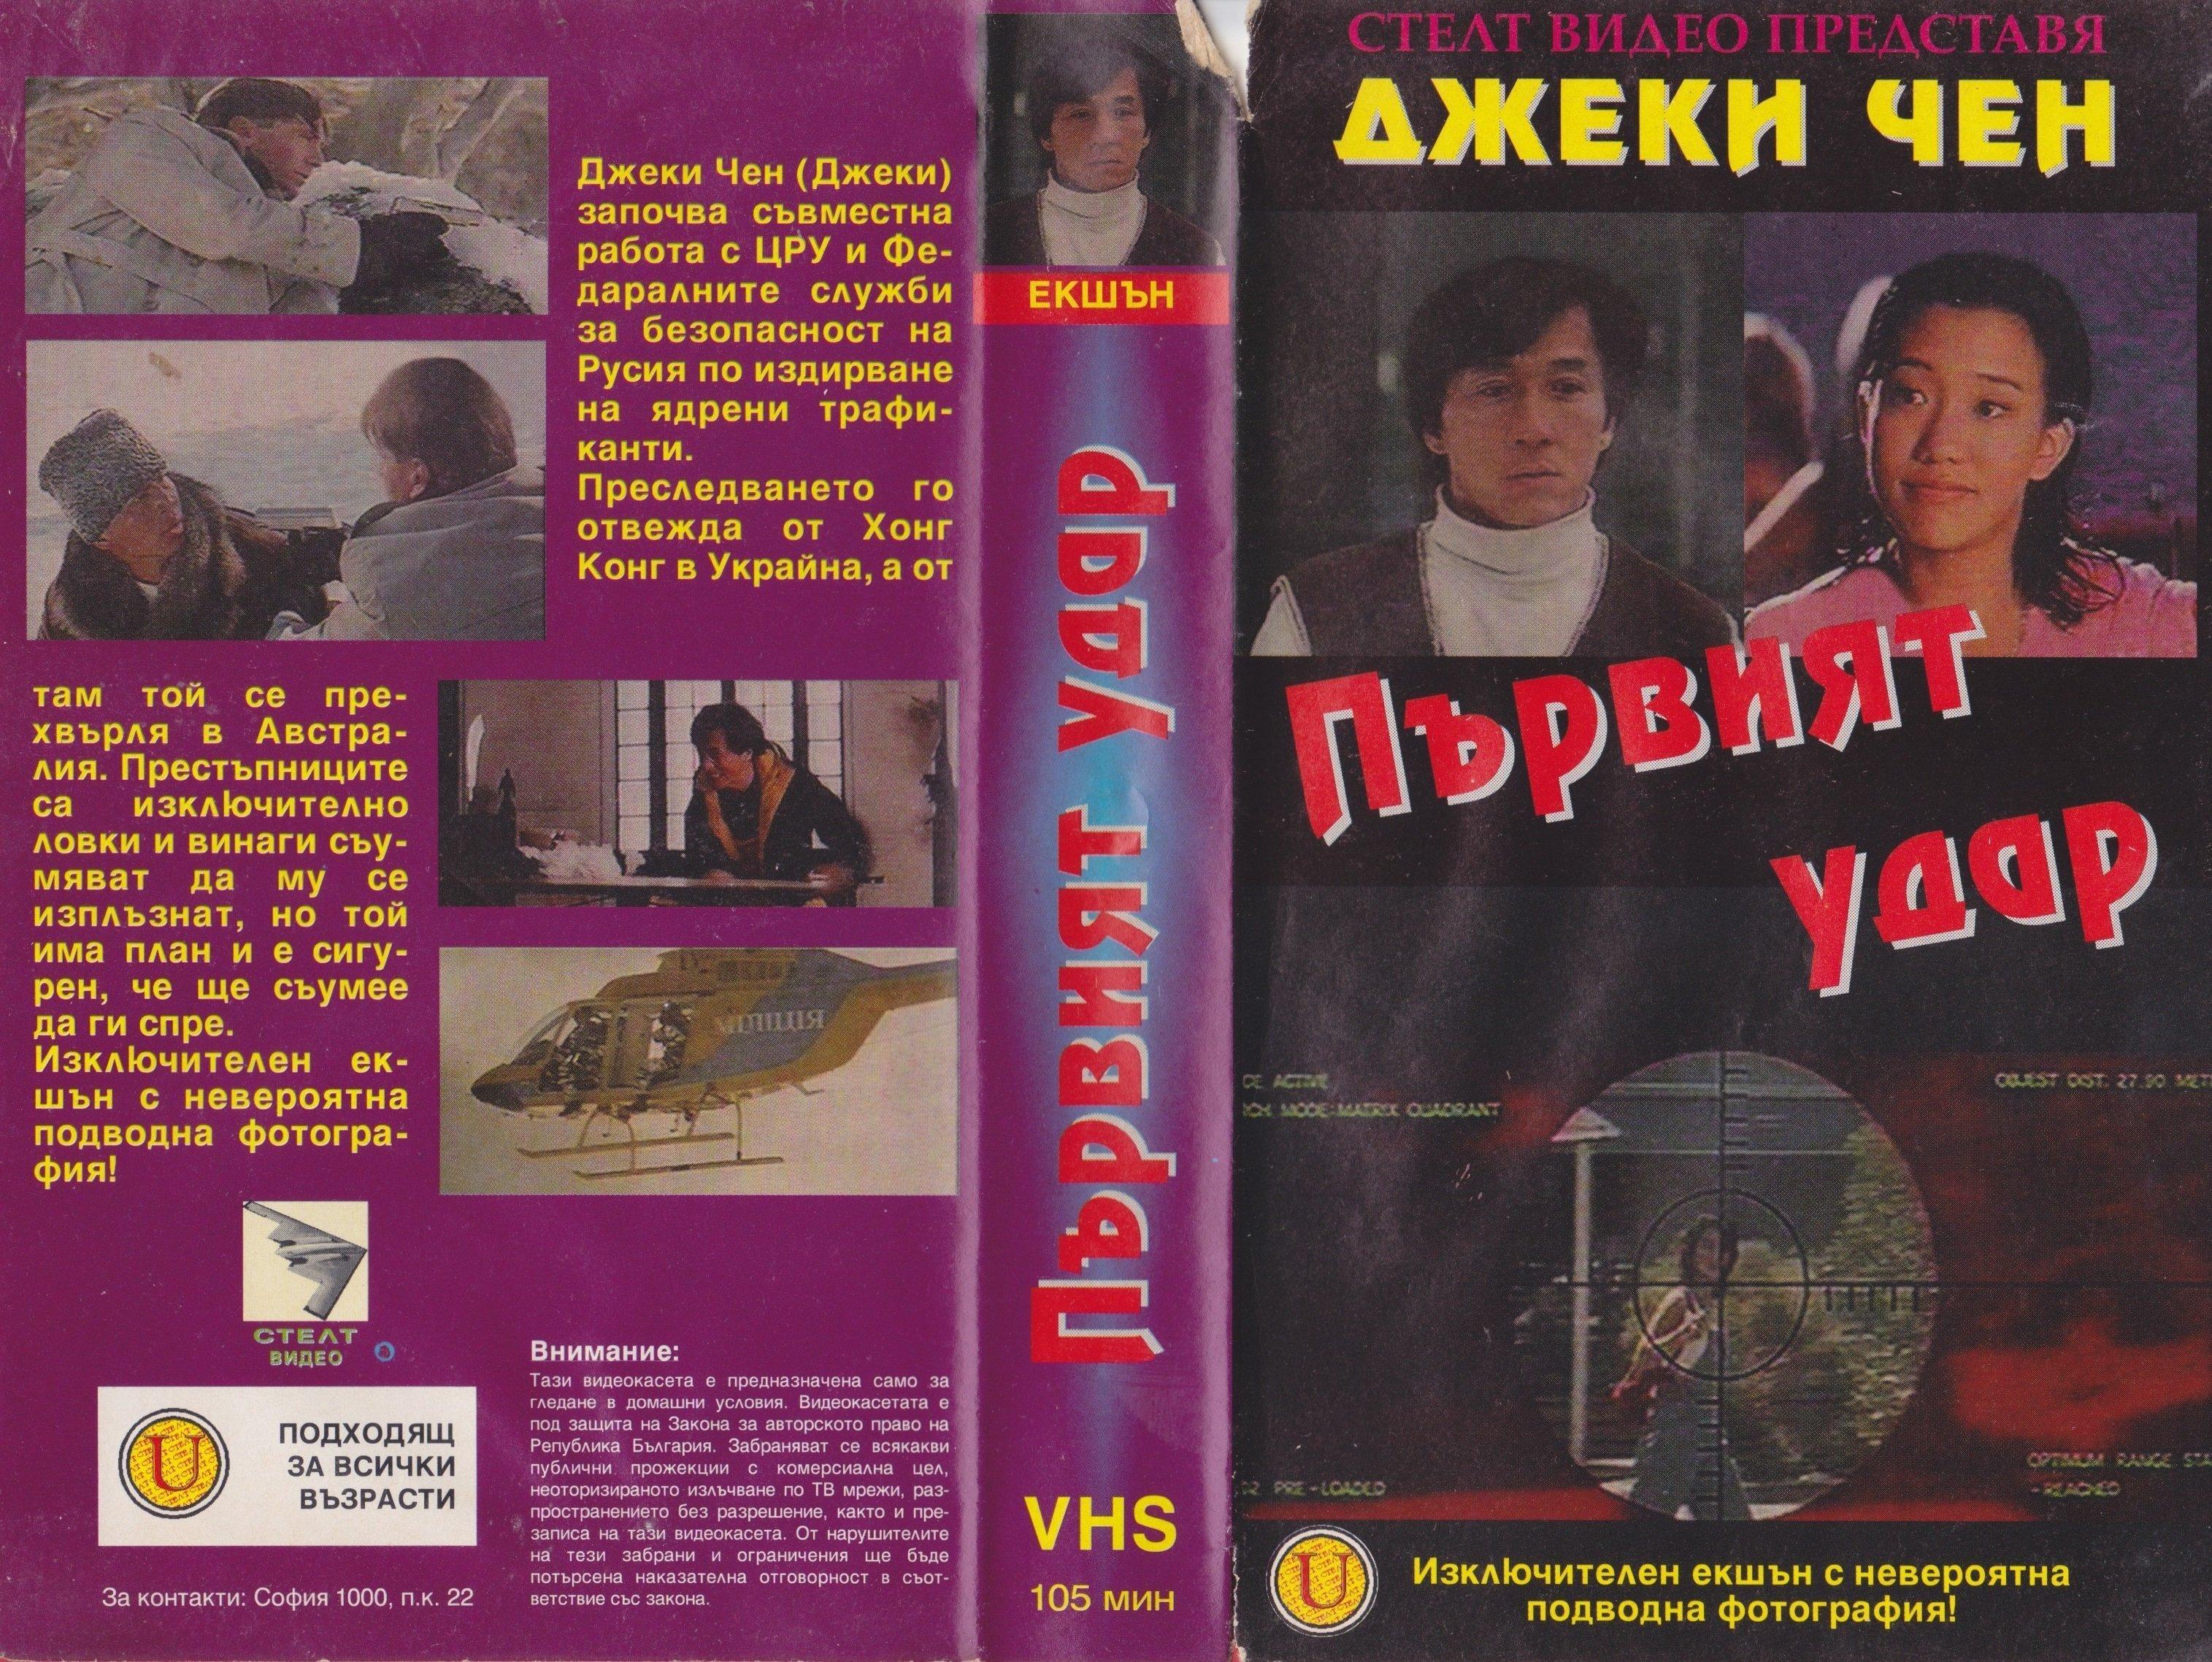 Първият удар филм постер